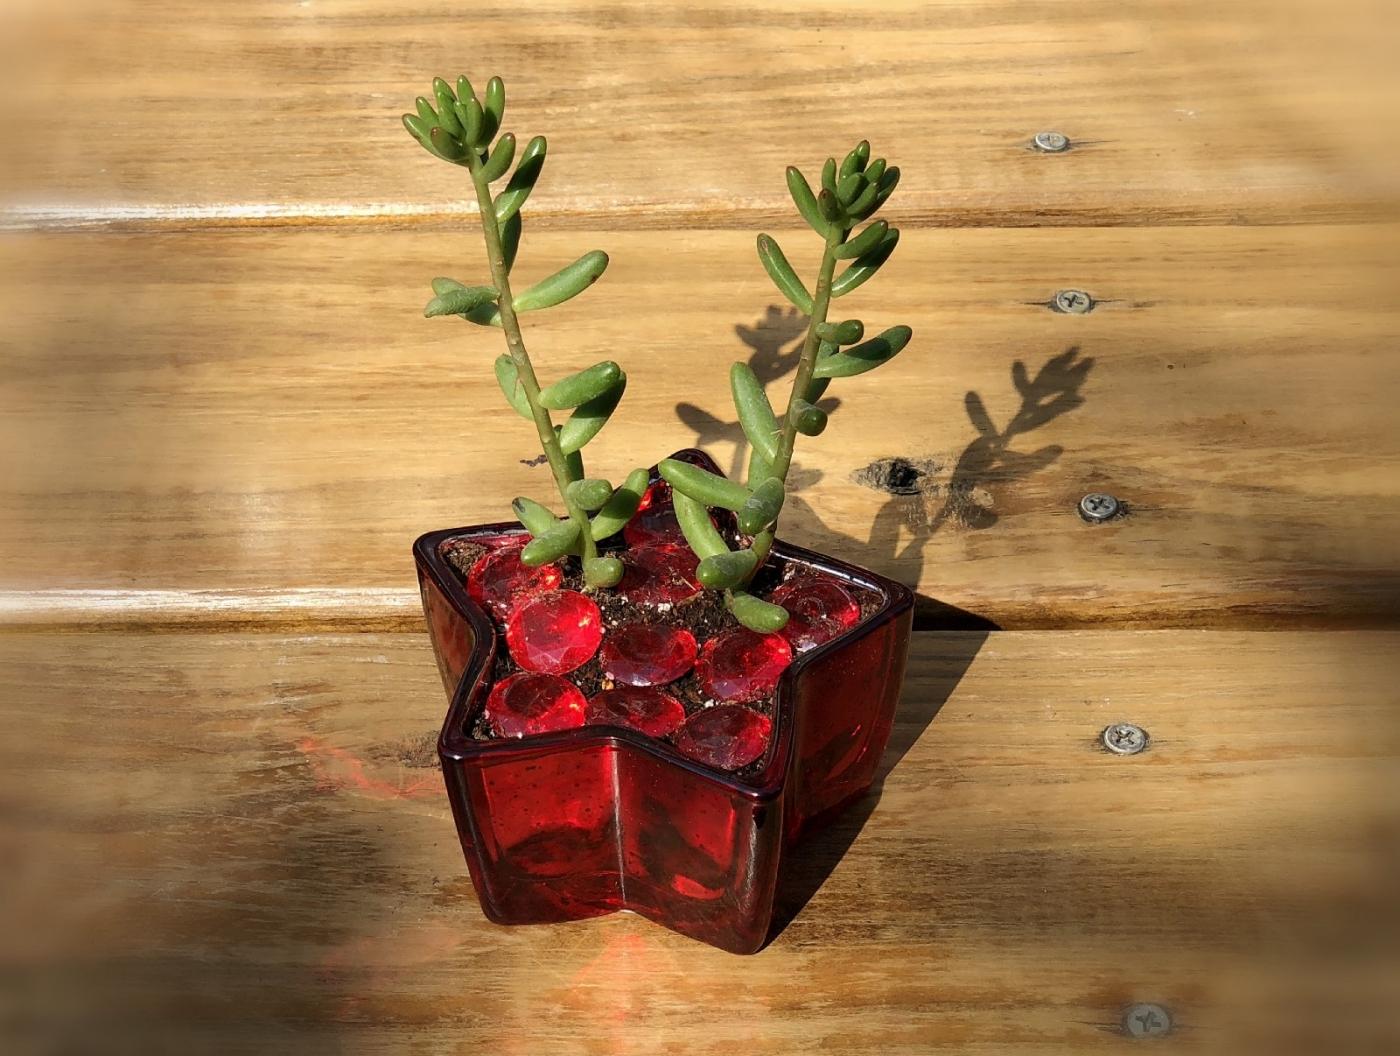 【田螺随拍】分享我做的一美元多肉植物盆_图1-5